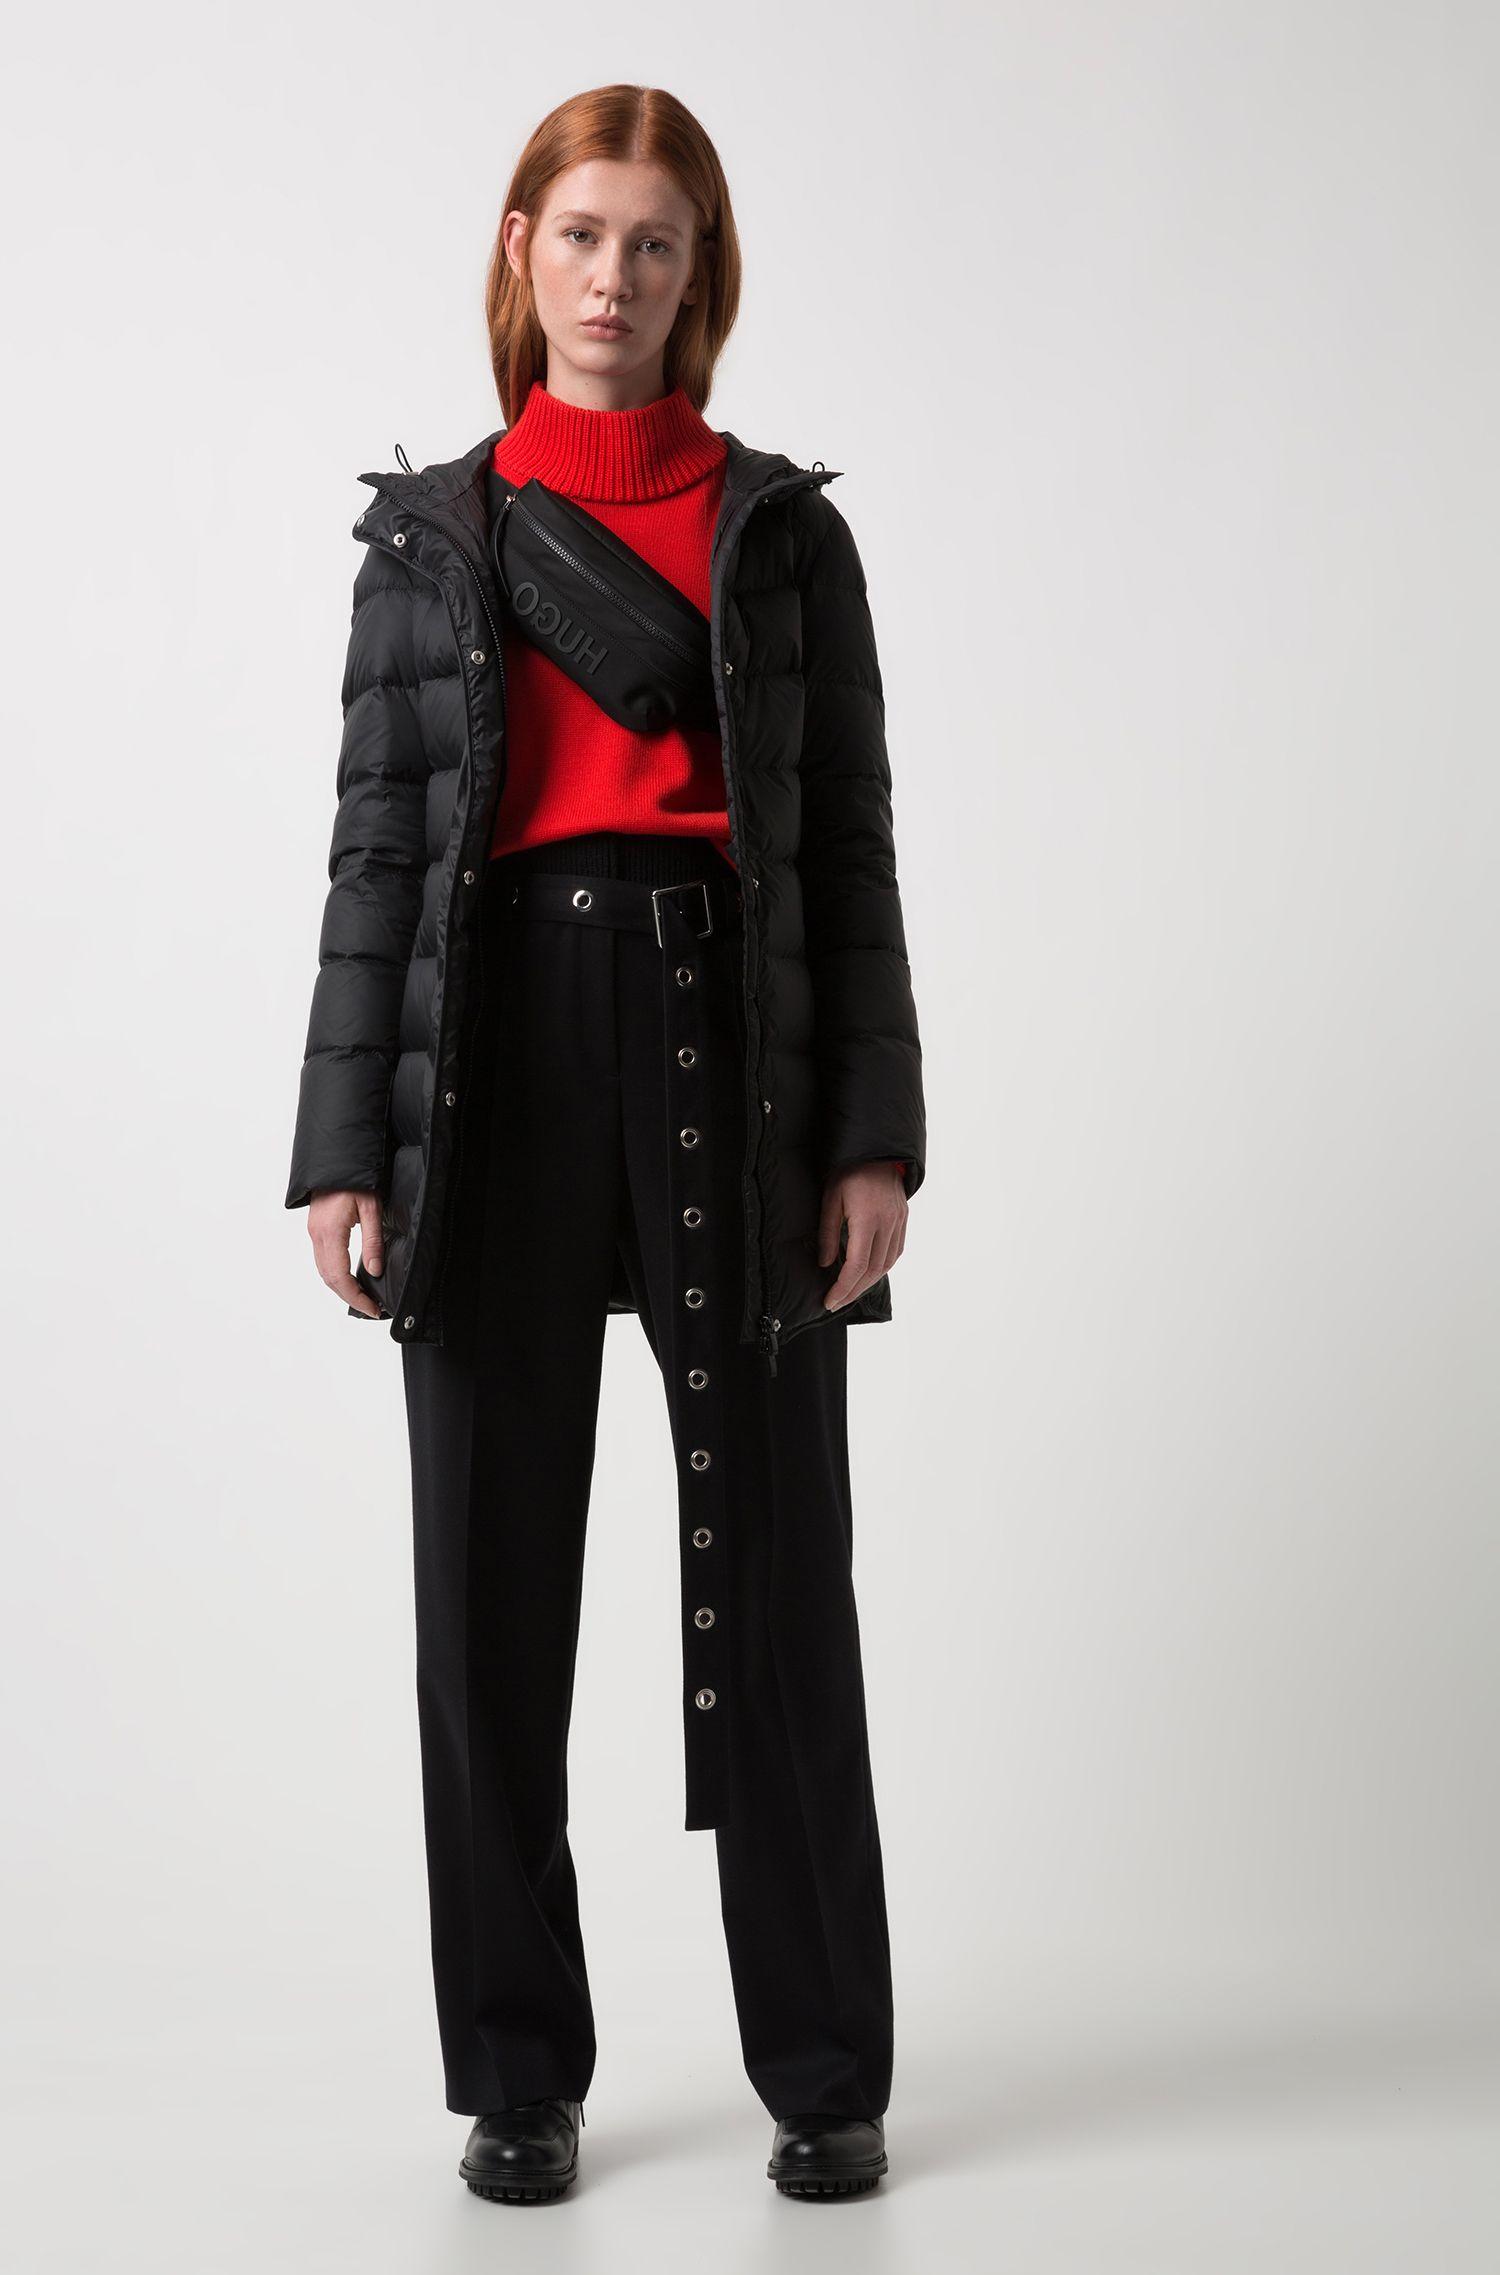 Manteau en duvet à capuche, en tissu imperméable sur le dessus, Noir